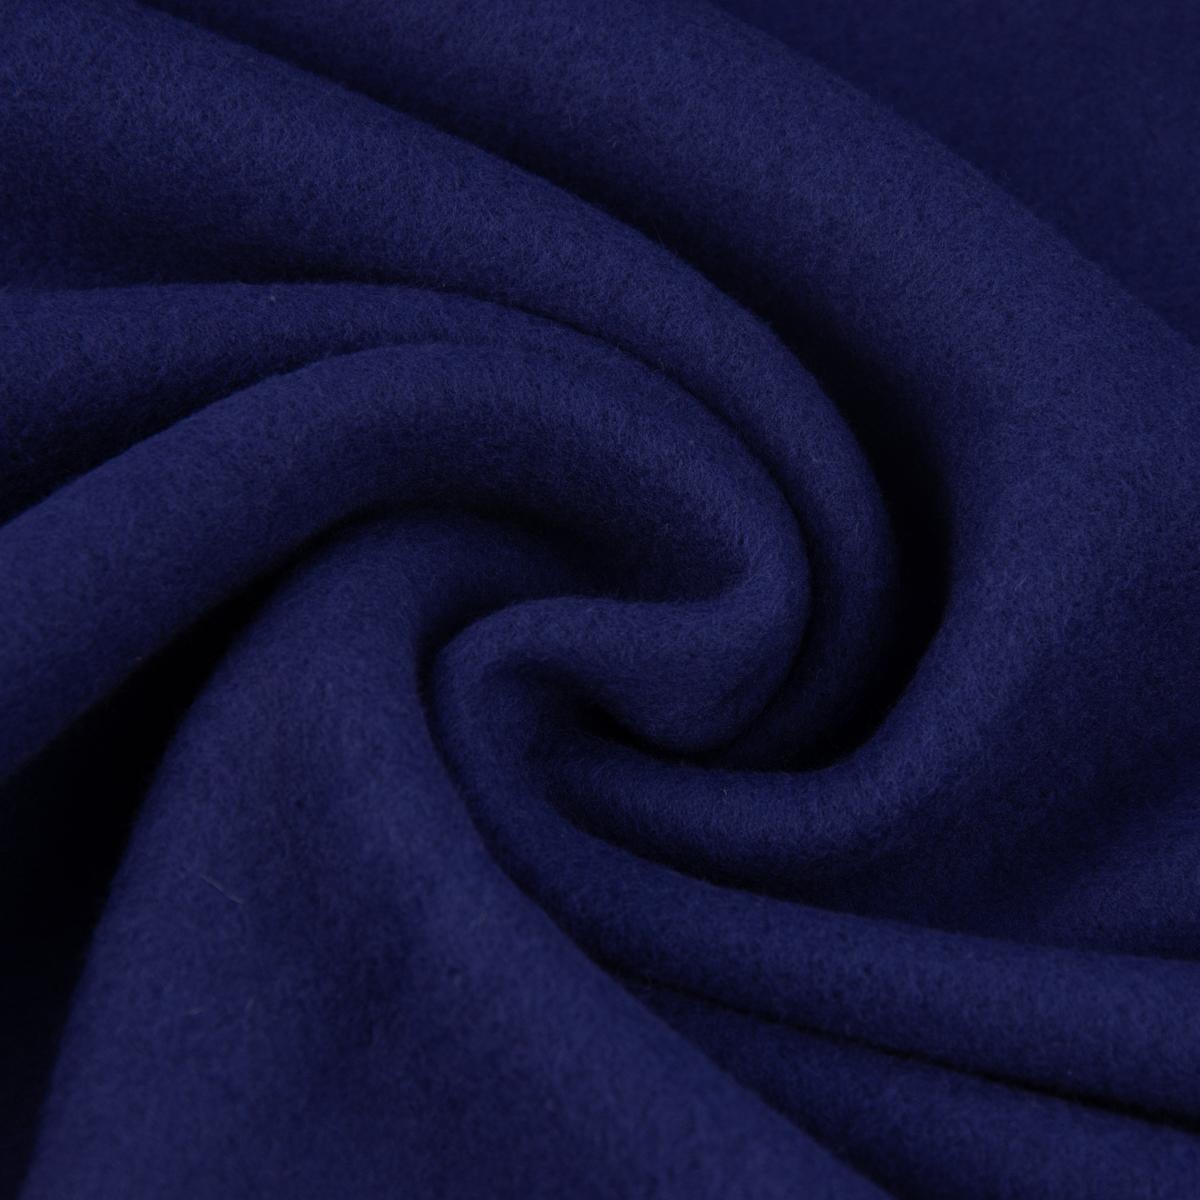 baumwollfleece fleece aus baumwolle einfarbig dunkelblau 1 55m alle stoffe stoffe uni baumwolle rein. Black Bedroom Furniture Sets. Home Design Ideas